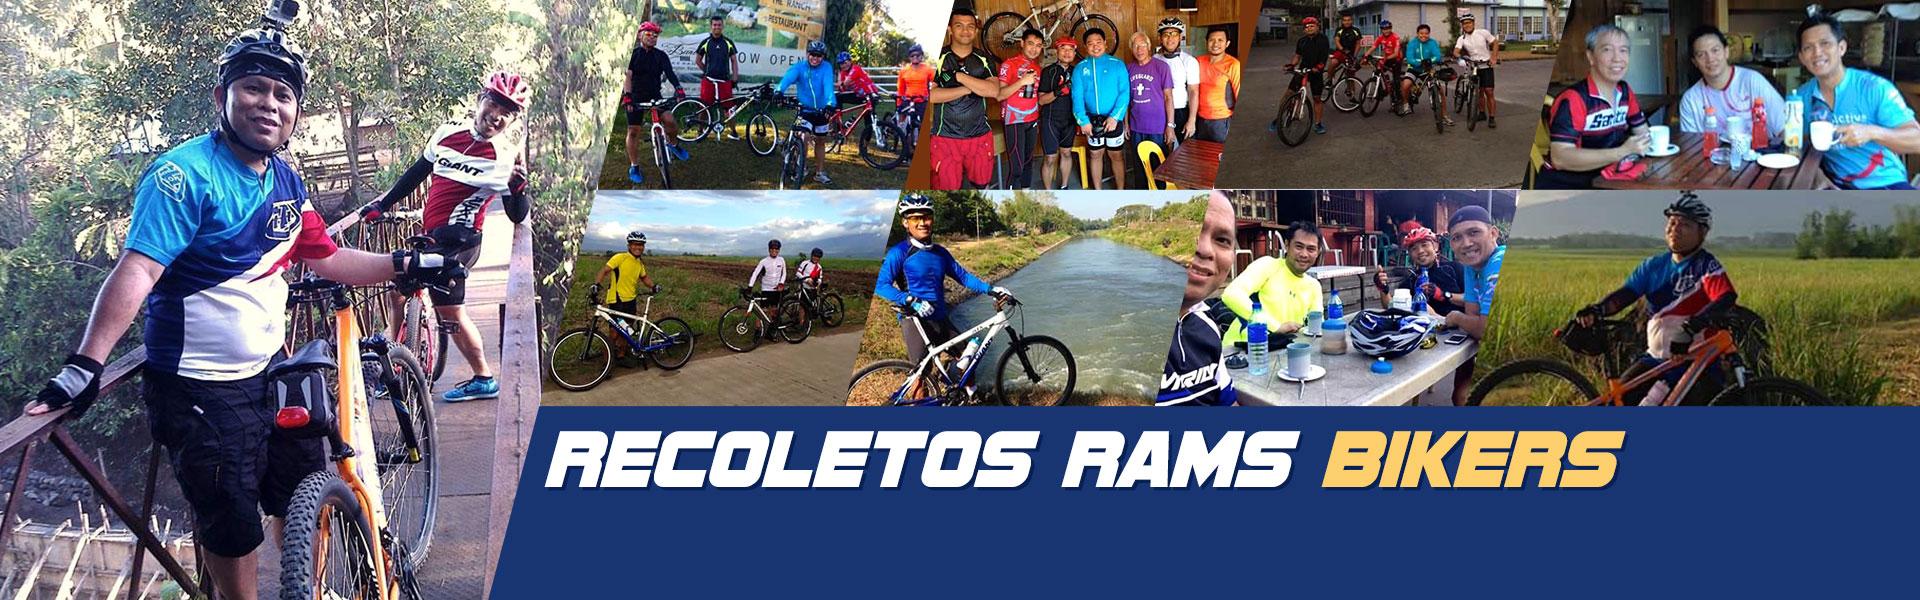 bikers-web-banner